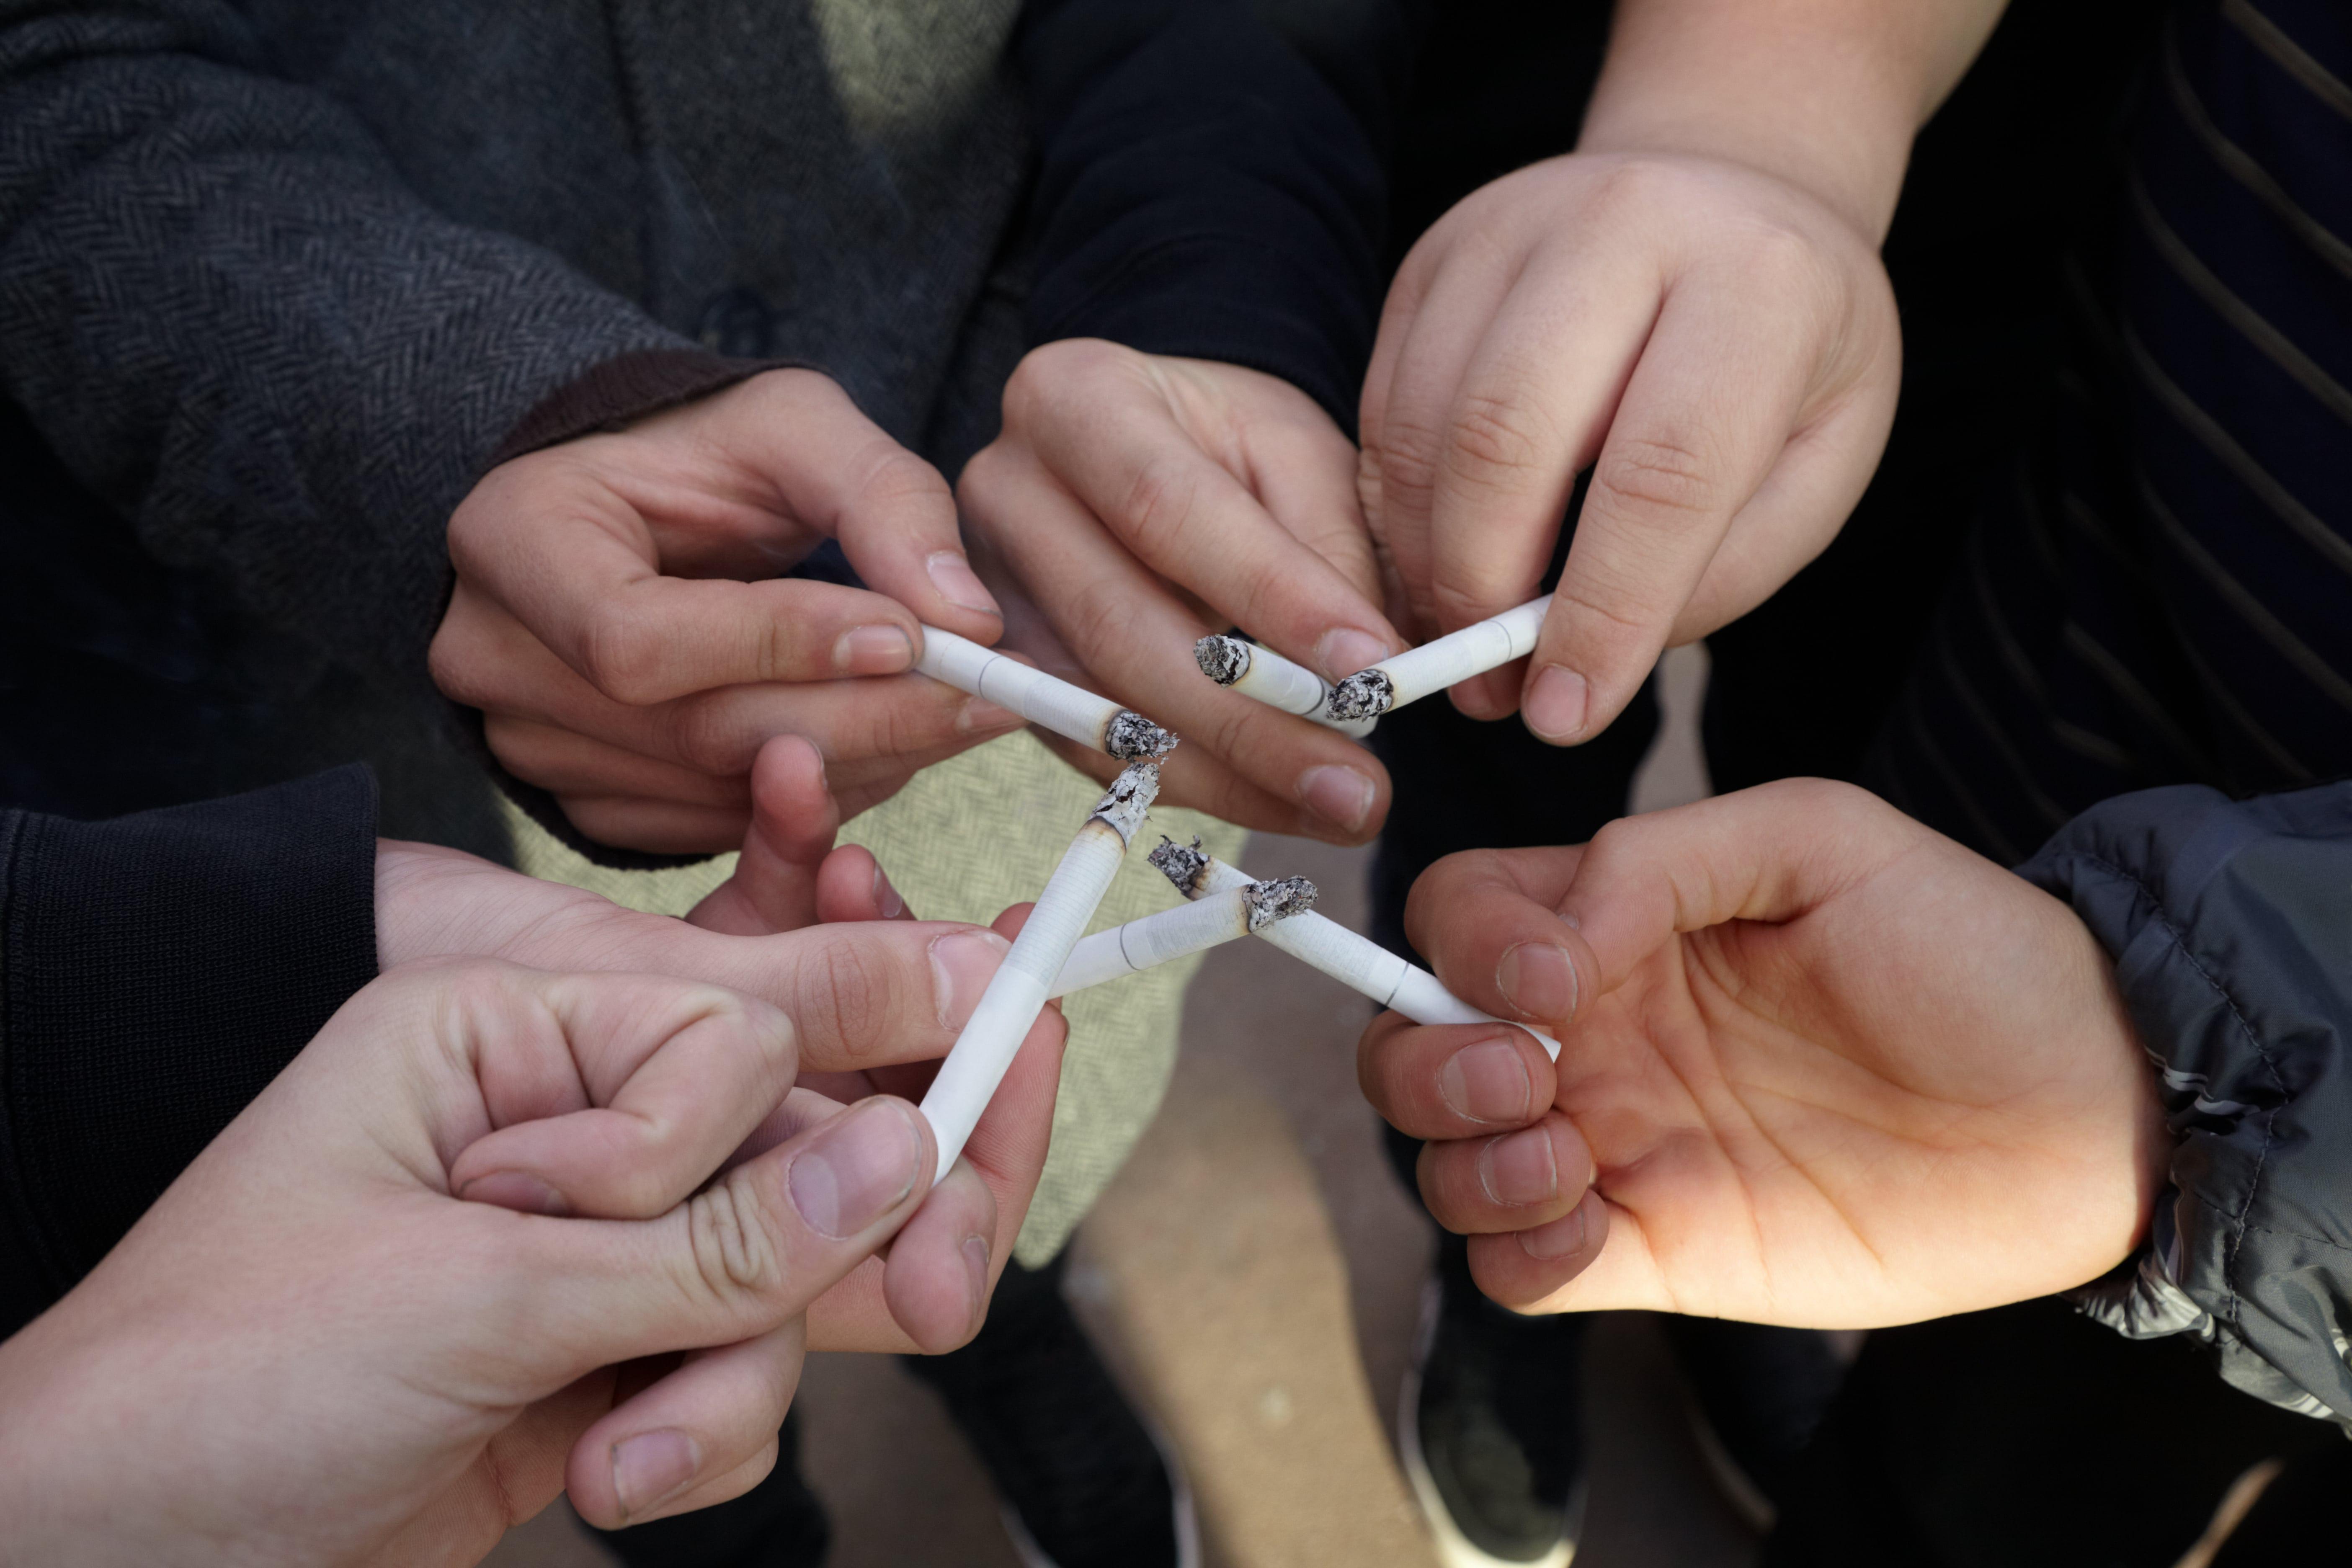 Wiele osób sięga po papierosa, aby dopasować się do osób zotoczenia.